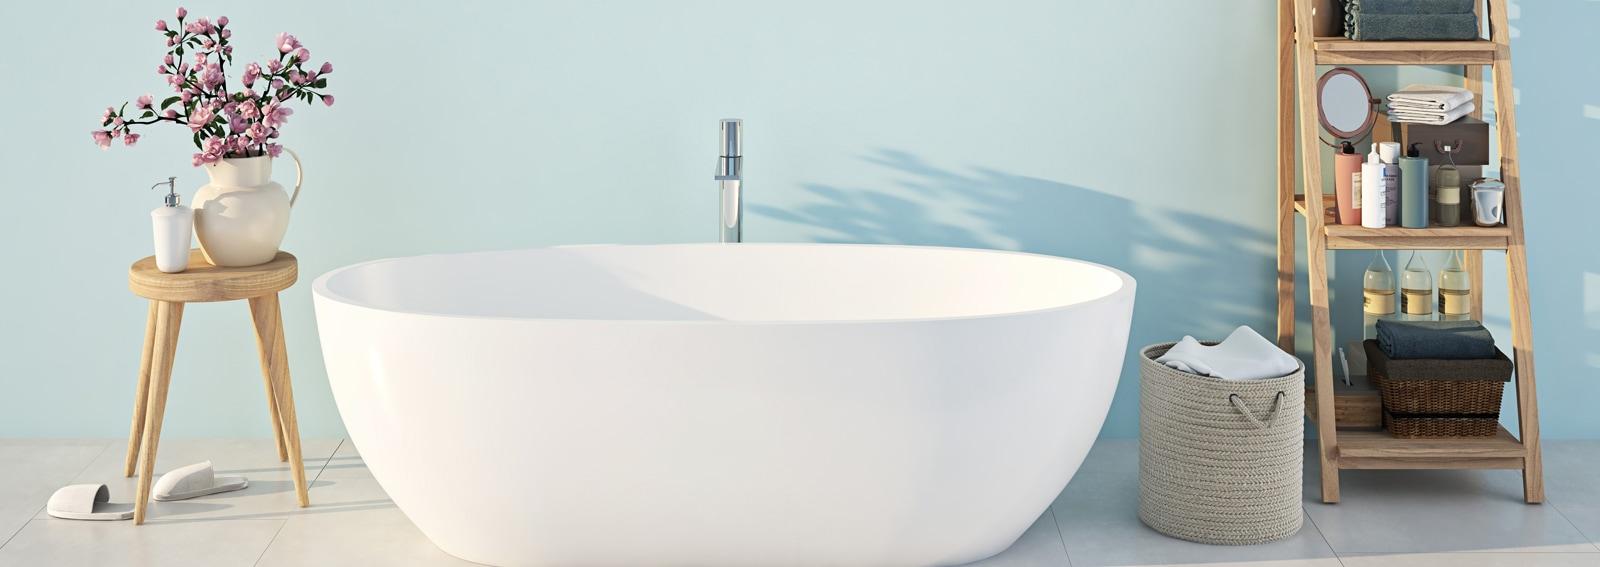 blue spa bathroom. 3d rendering